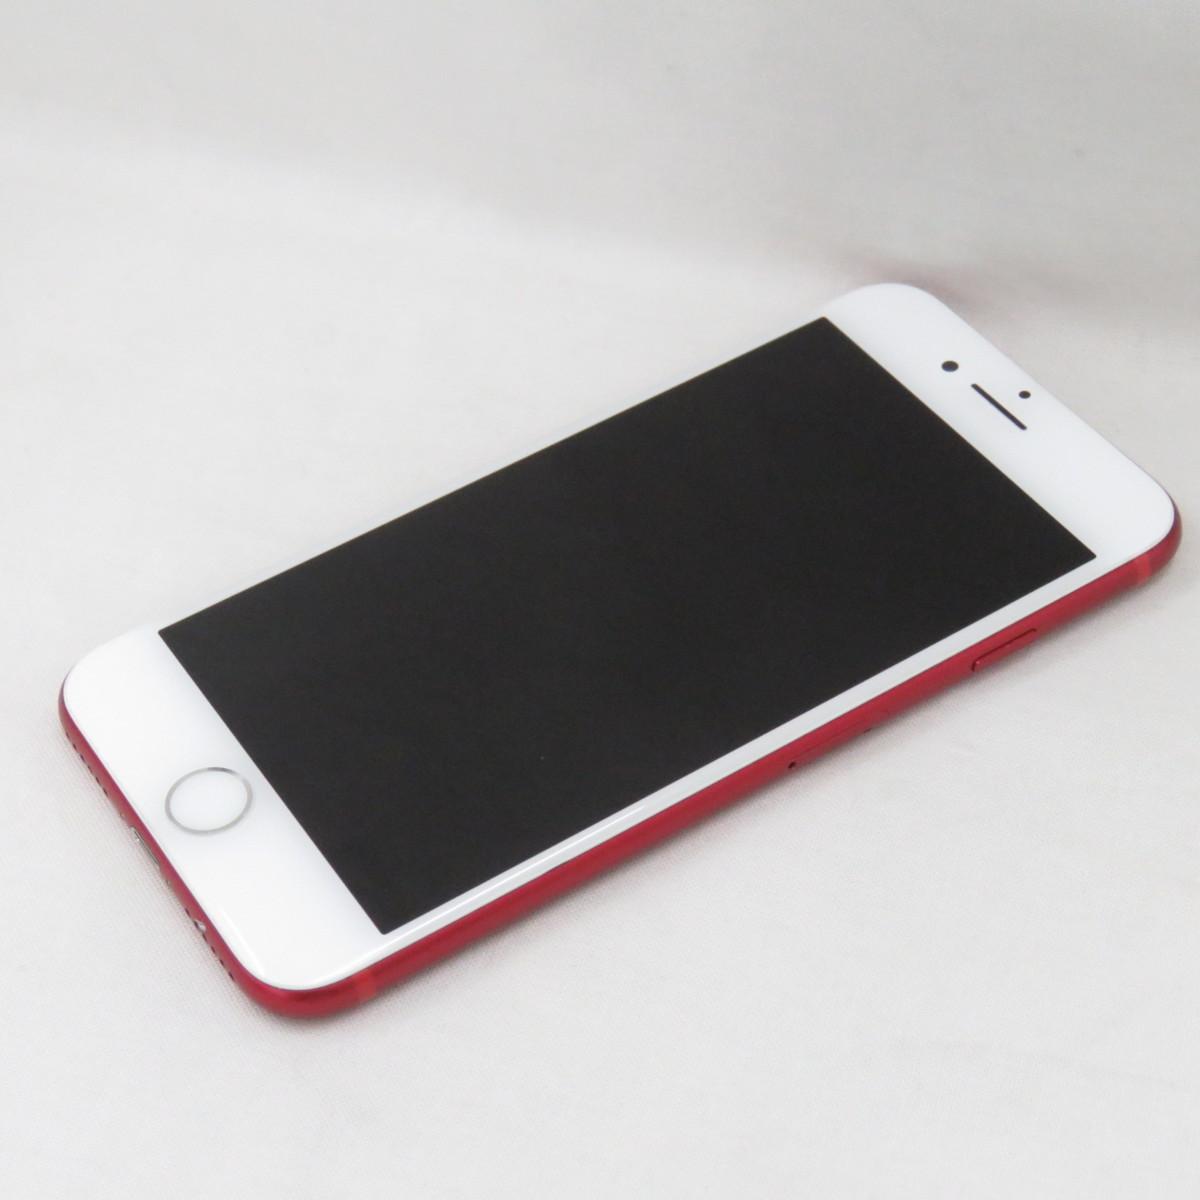 1円~【中古品】国内版SIMフリー スマートフォン Apple iPhone 7 128GB MPRX2J/A レッド 判定○ 941123702